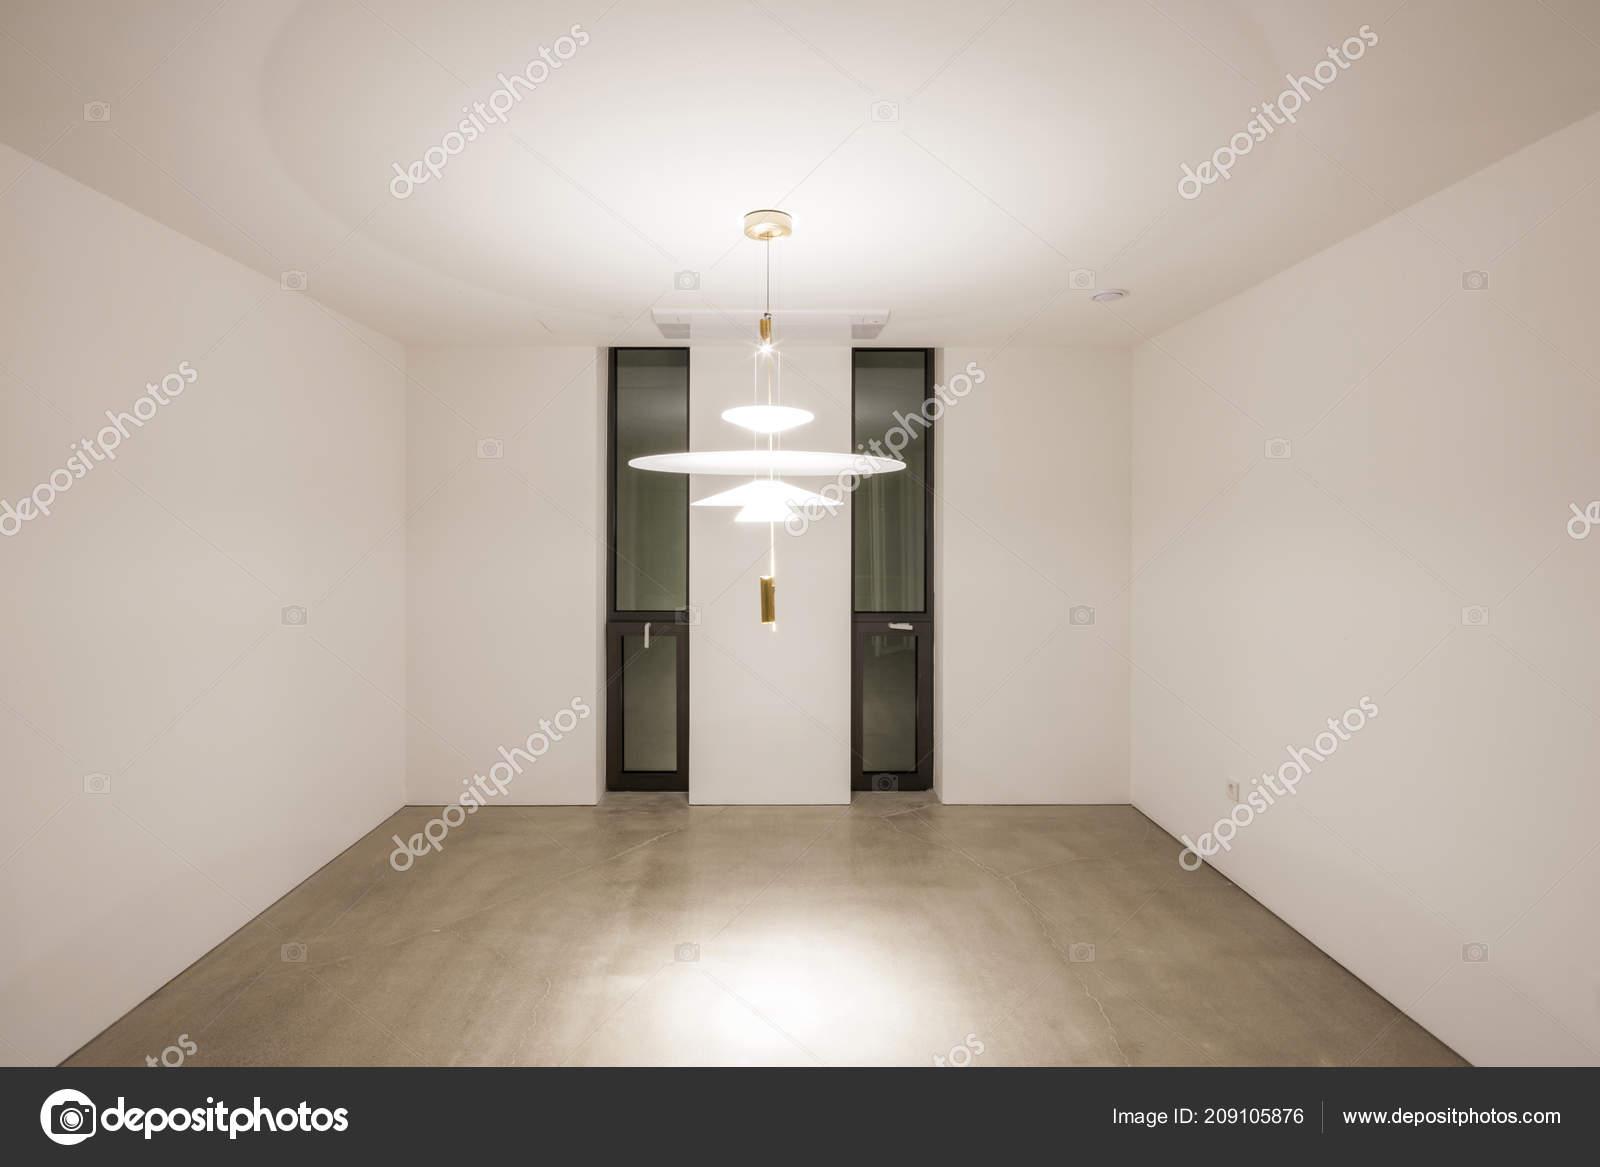 Ufficio vuoto con illuminazione soffitto interno bianco u foto